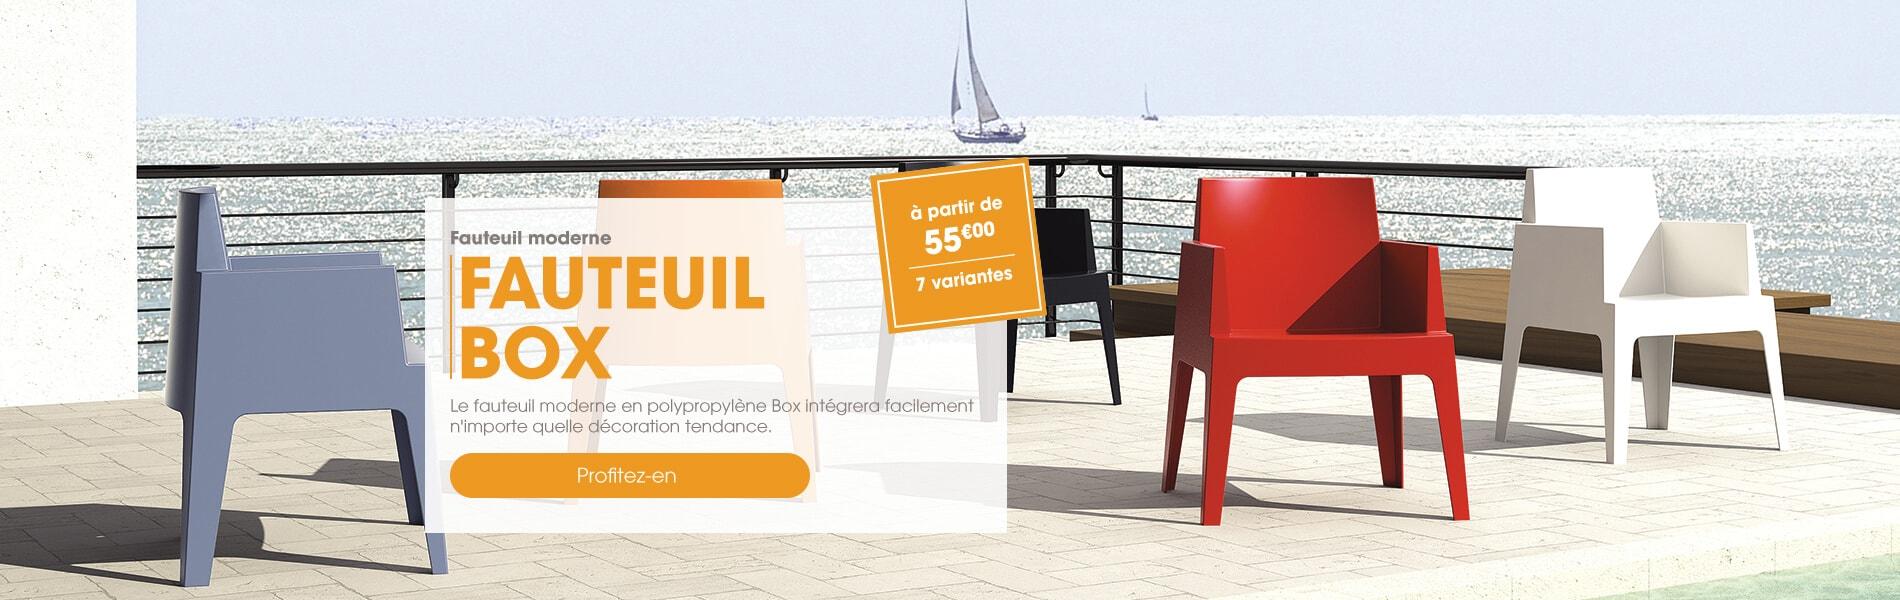 bureau plan de campagne 12 beau image de bureau vall e plan de campagne beau bureau plan de. Black Bedroom Furniture Sets. Home Design Ideas